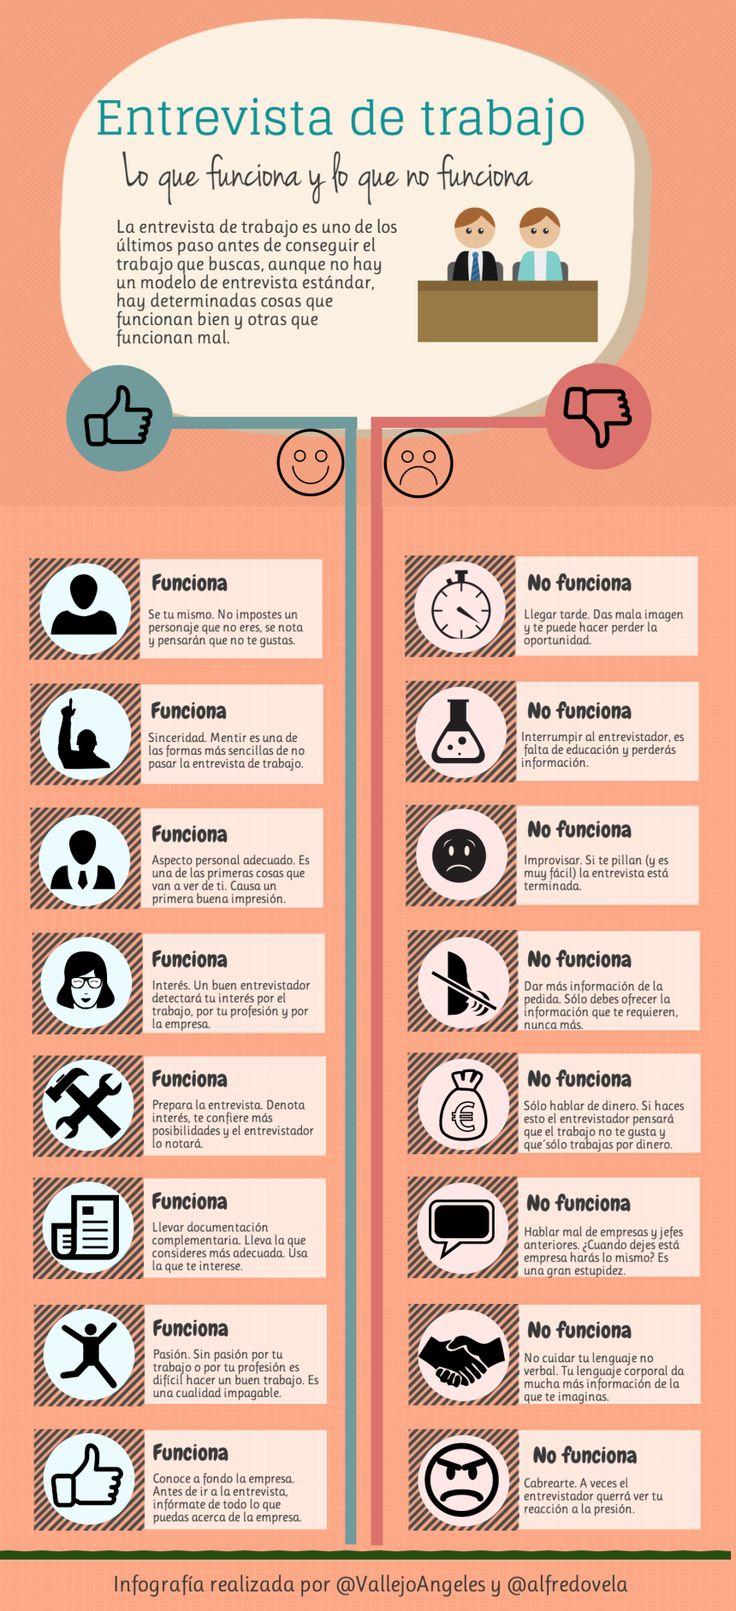 Entrevista de trabajo: qué funciona y qué no #infografia #infographic #empleo | TICs y Formación